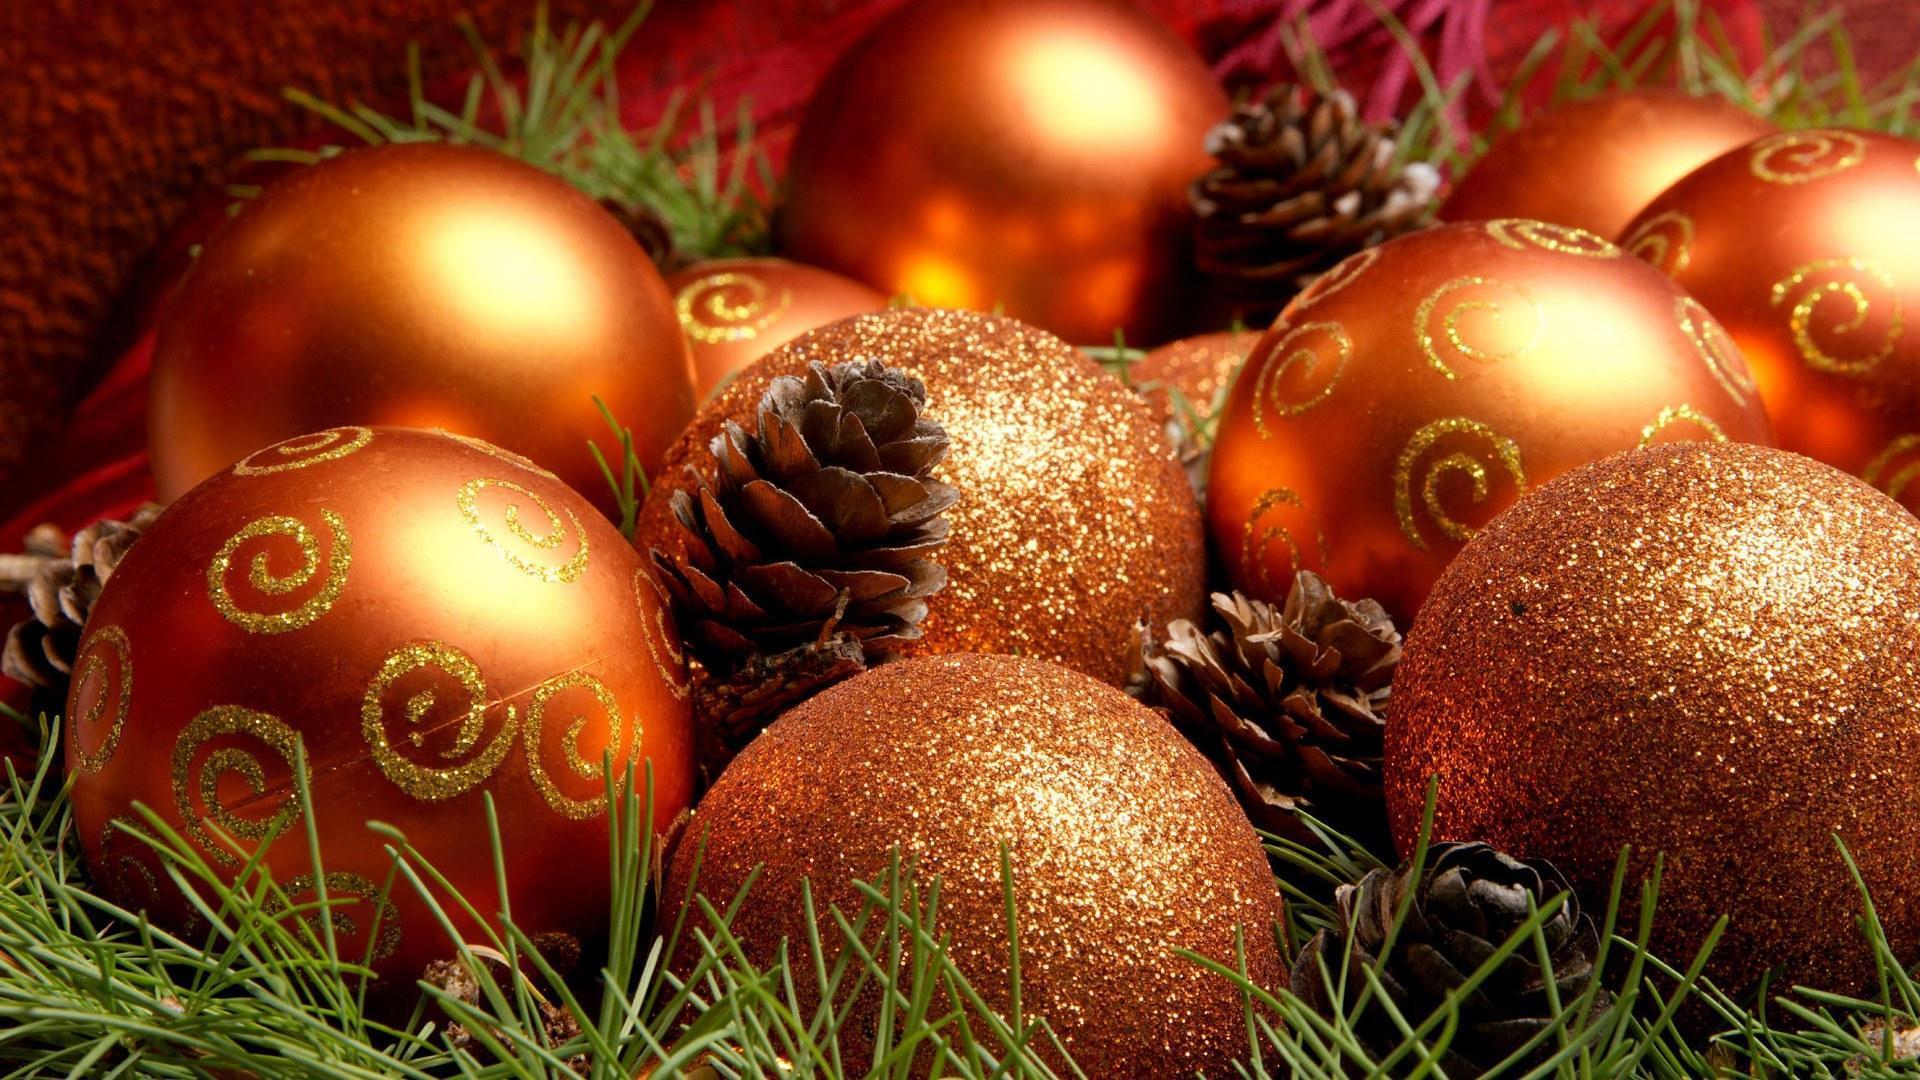 14048 скачать обои Праздники, Новый Год (New Year), Игрушки, Рождество (Christmas, Xmas) - заставки и картинки бесплатно